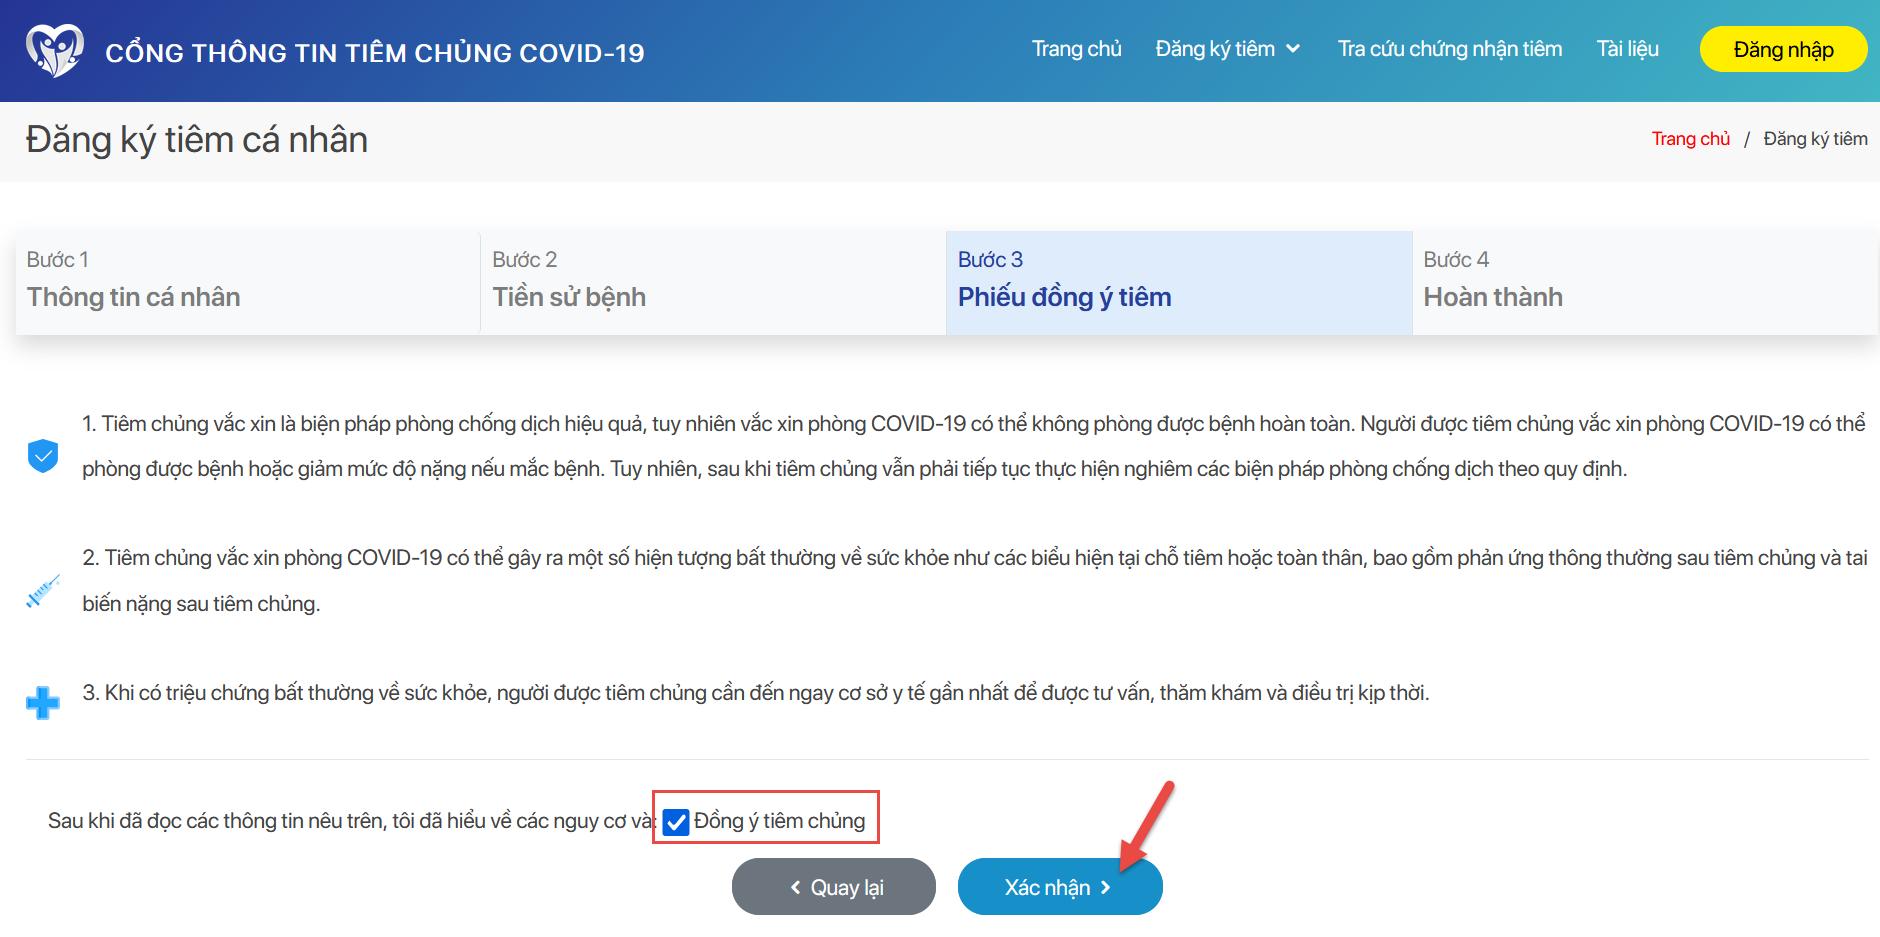 đăng ký tiêm vắc xin COVID-19